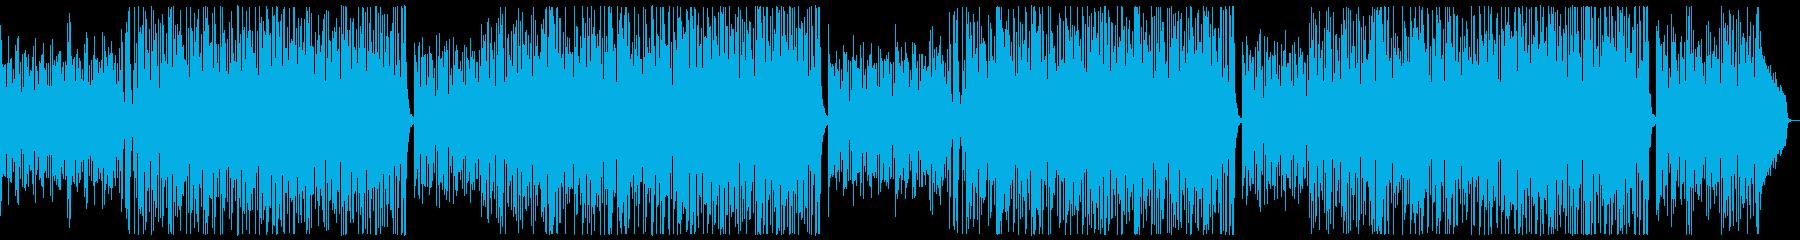 ポップピアノレクリエーション:フル2回の再生済みの波形